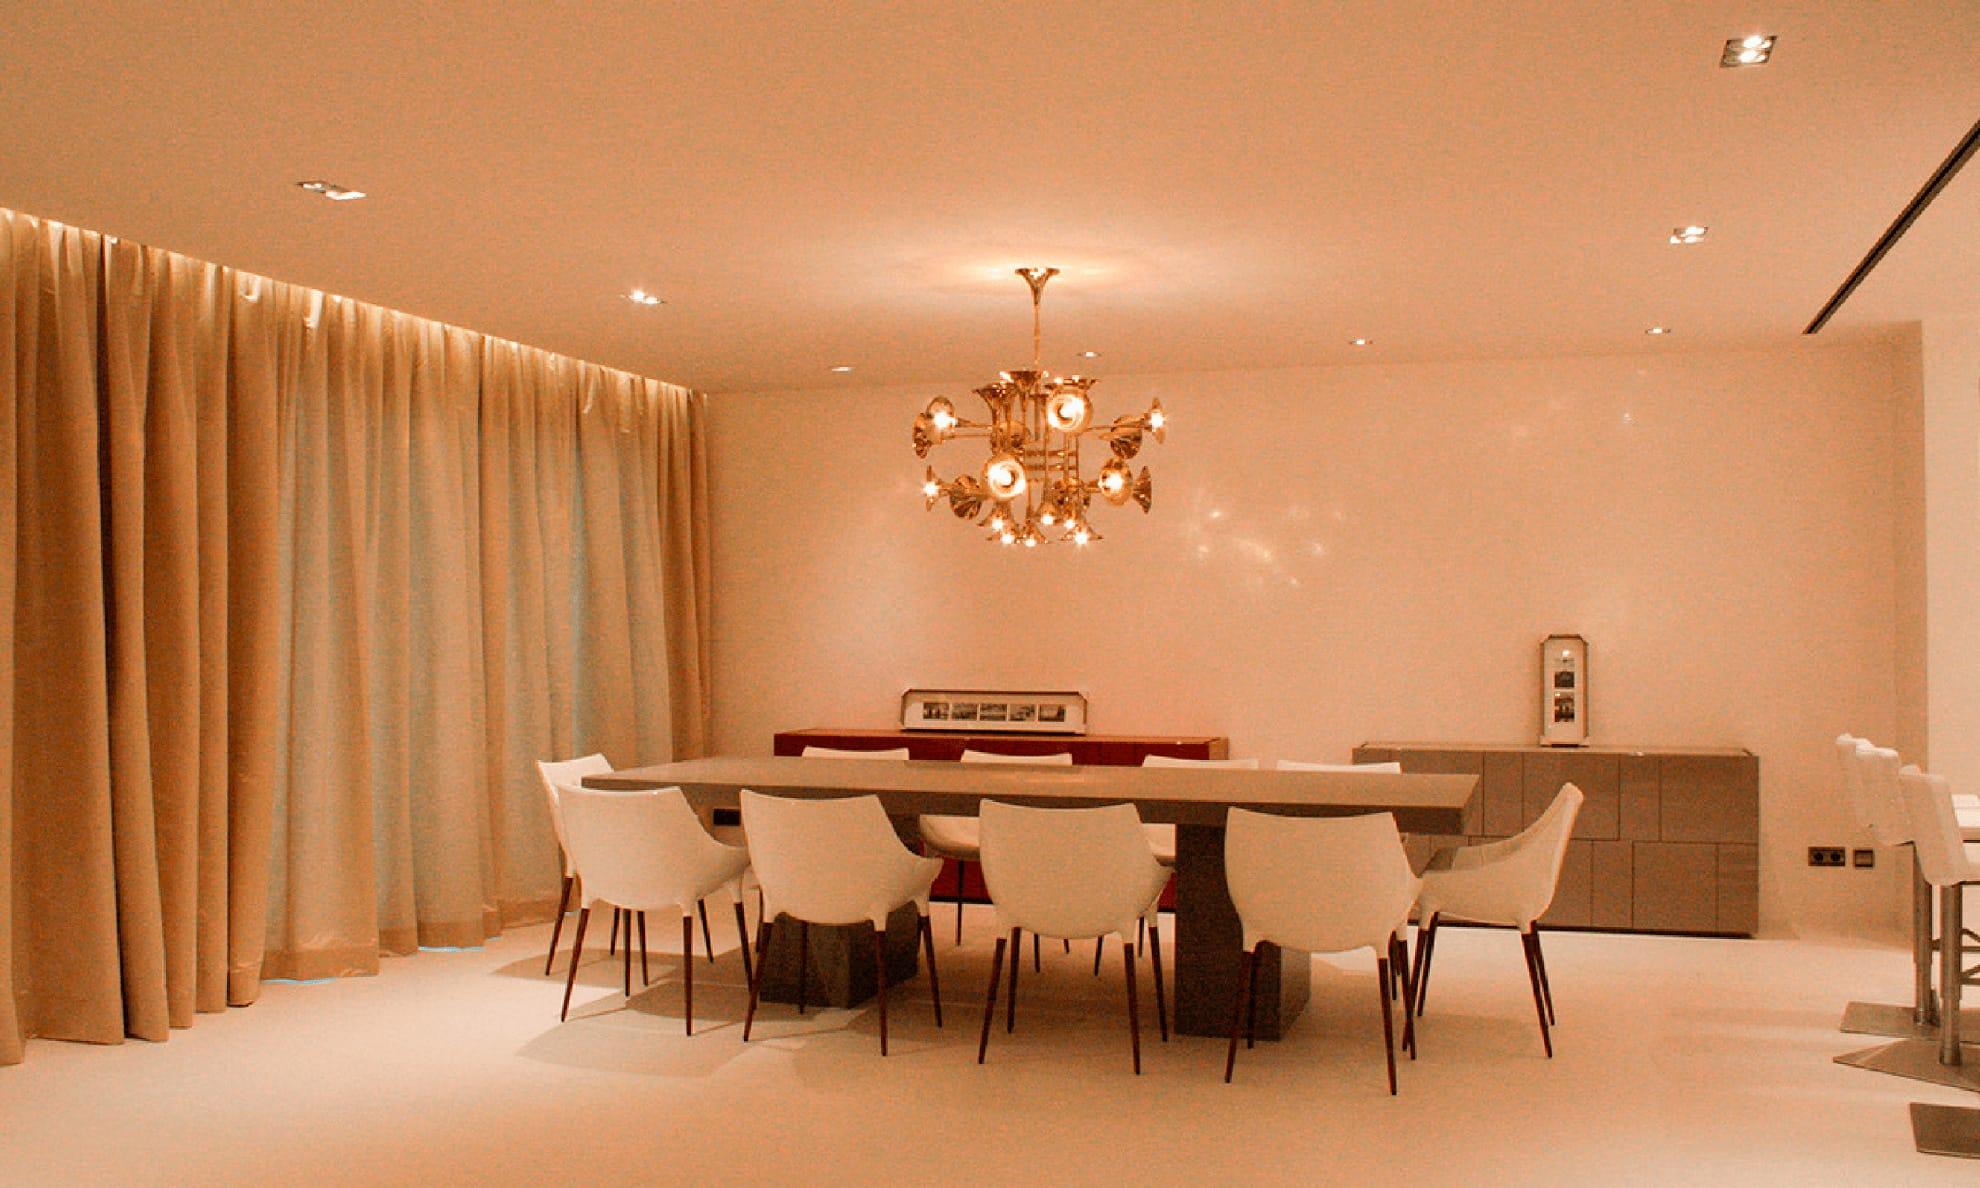 Apartament in Oasis de Banús